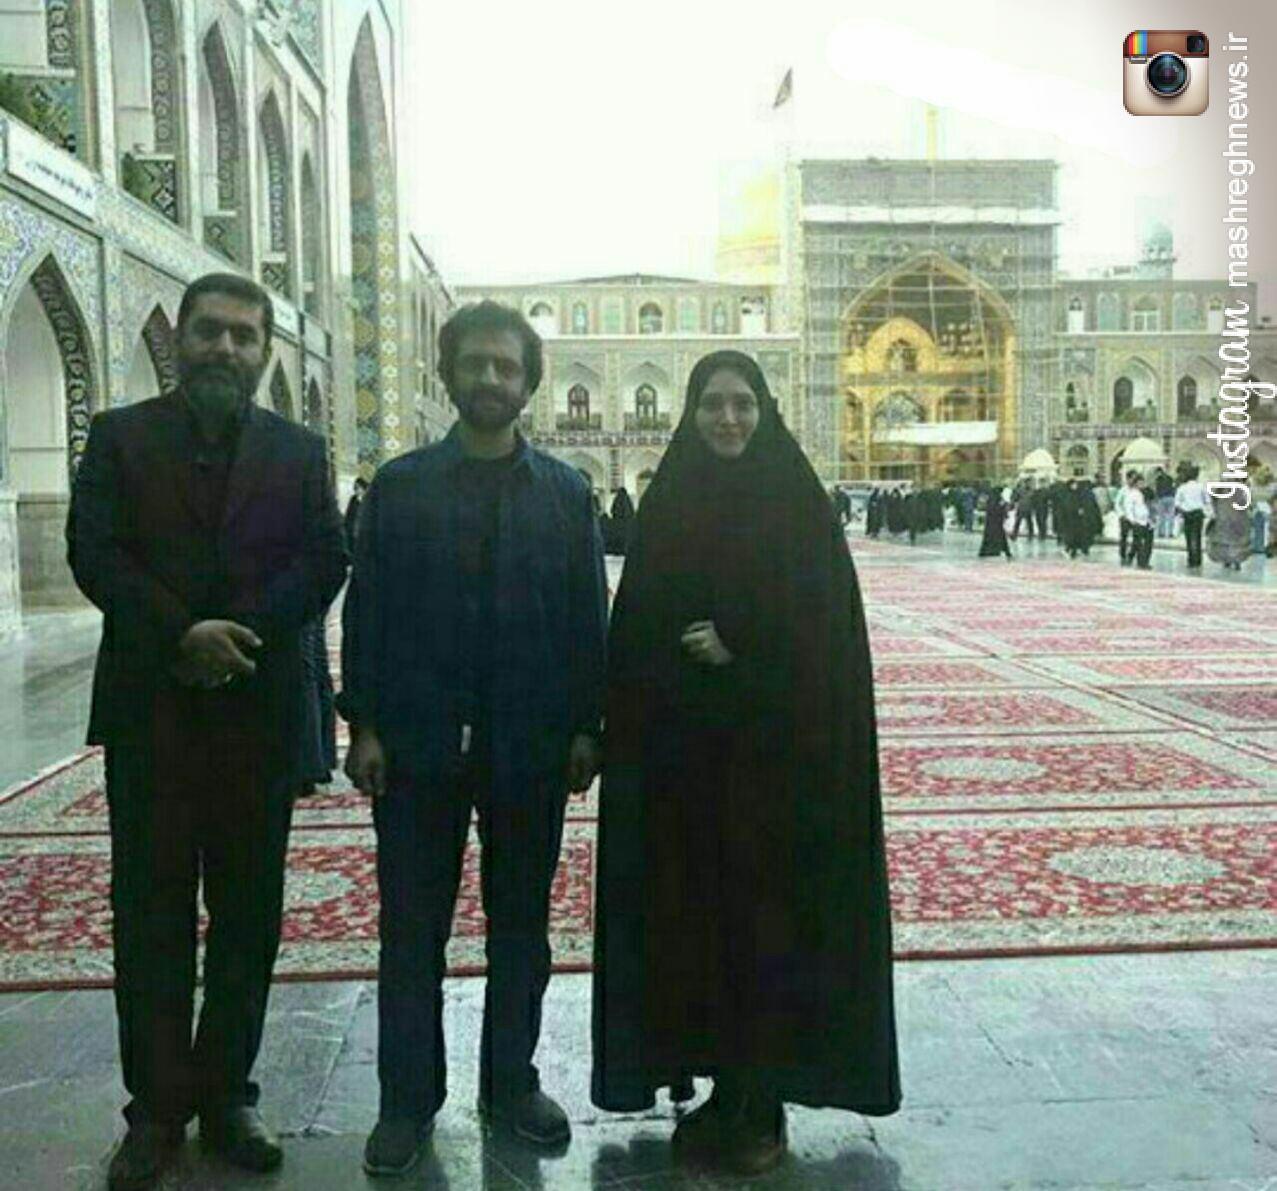 بازیگران فیلم «سیانور» در حرم امام رضا(ع)+عکس